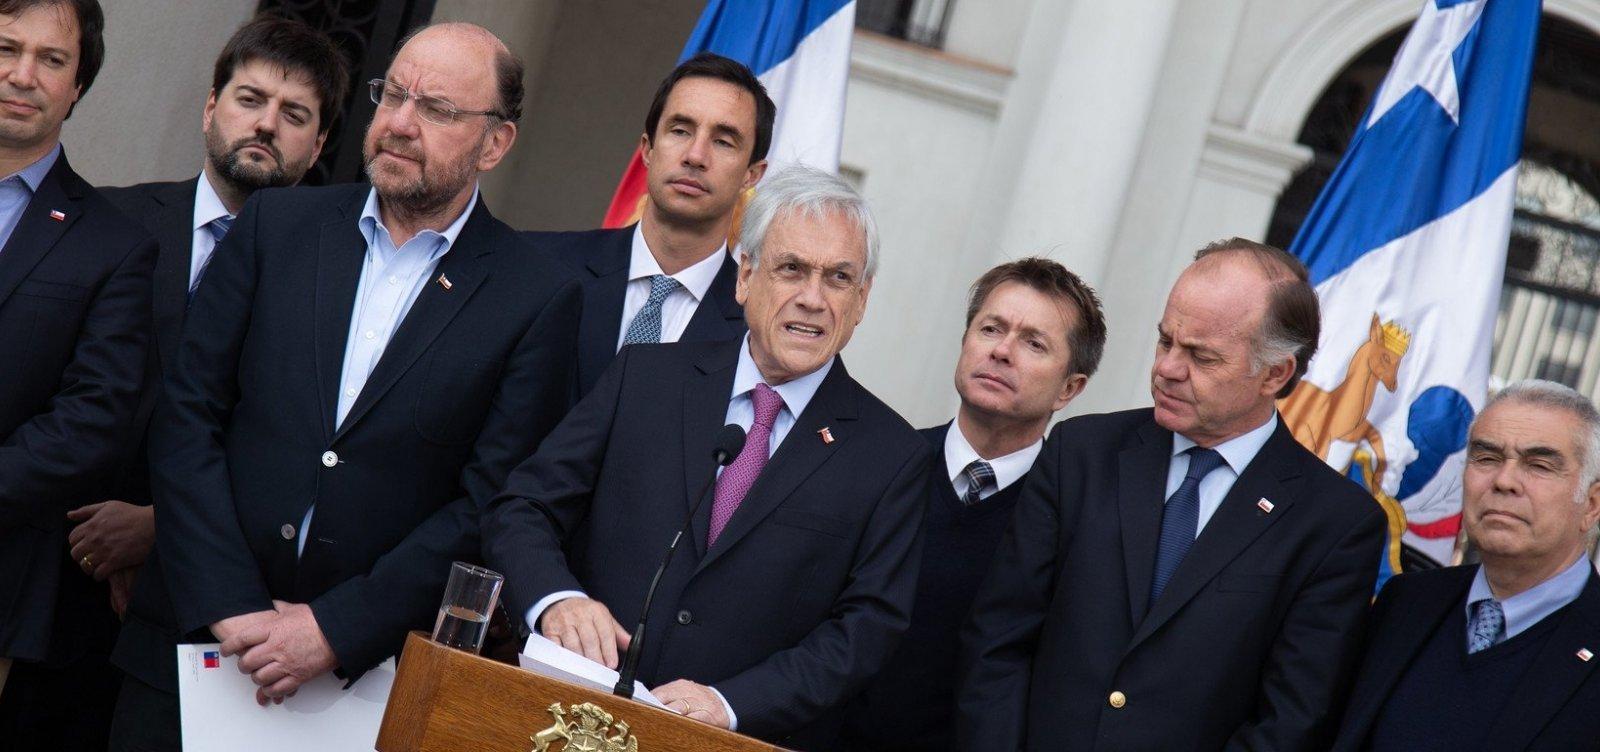 [Piñera cancela cúpulas econômica e climática após protestos no Chile]